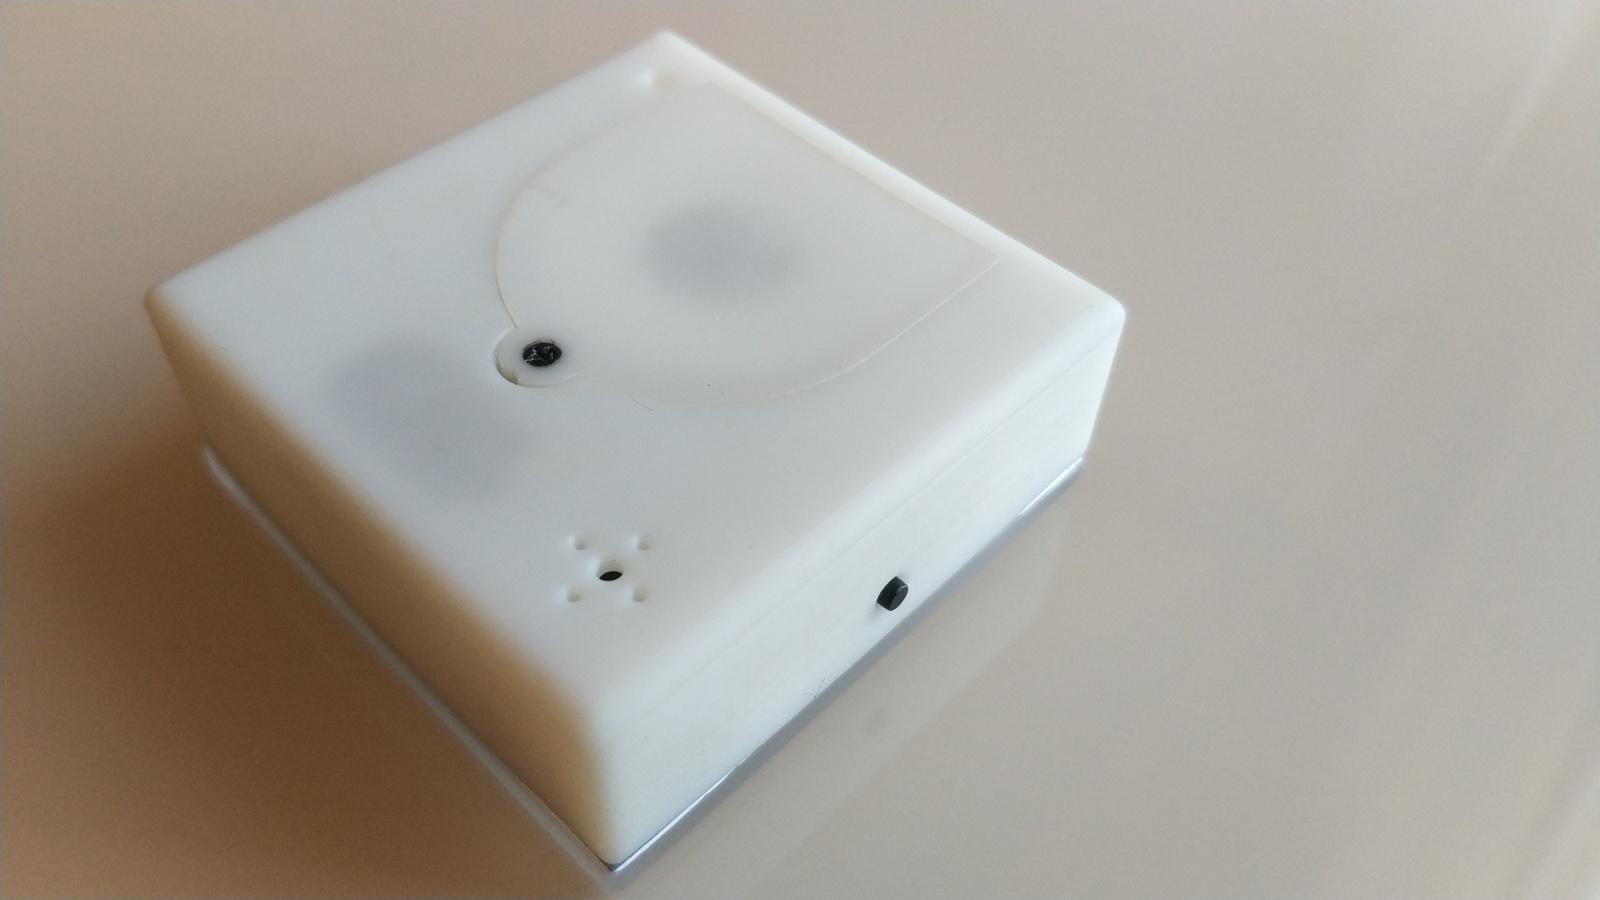 Сенсорный мини выключатель cо стеклянной панелью на nRF52832 - 8